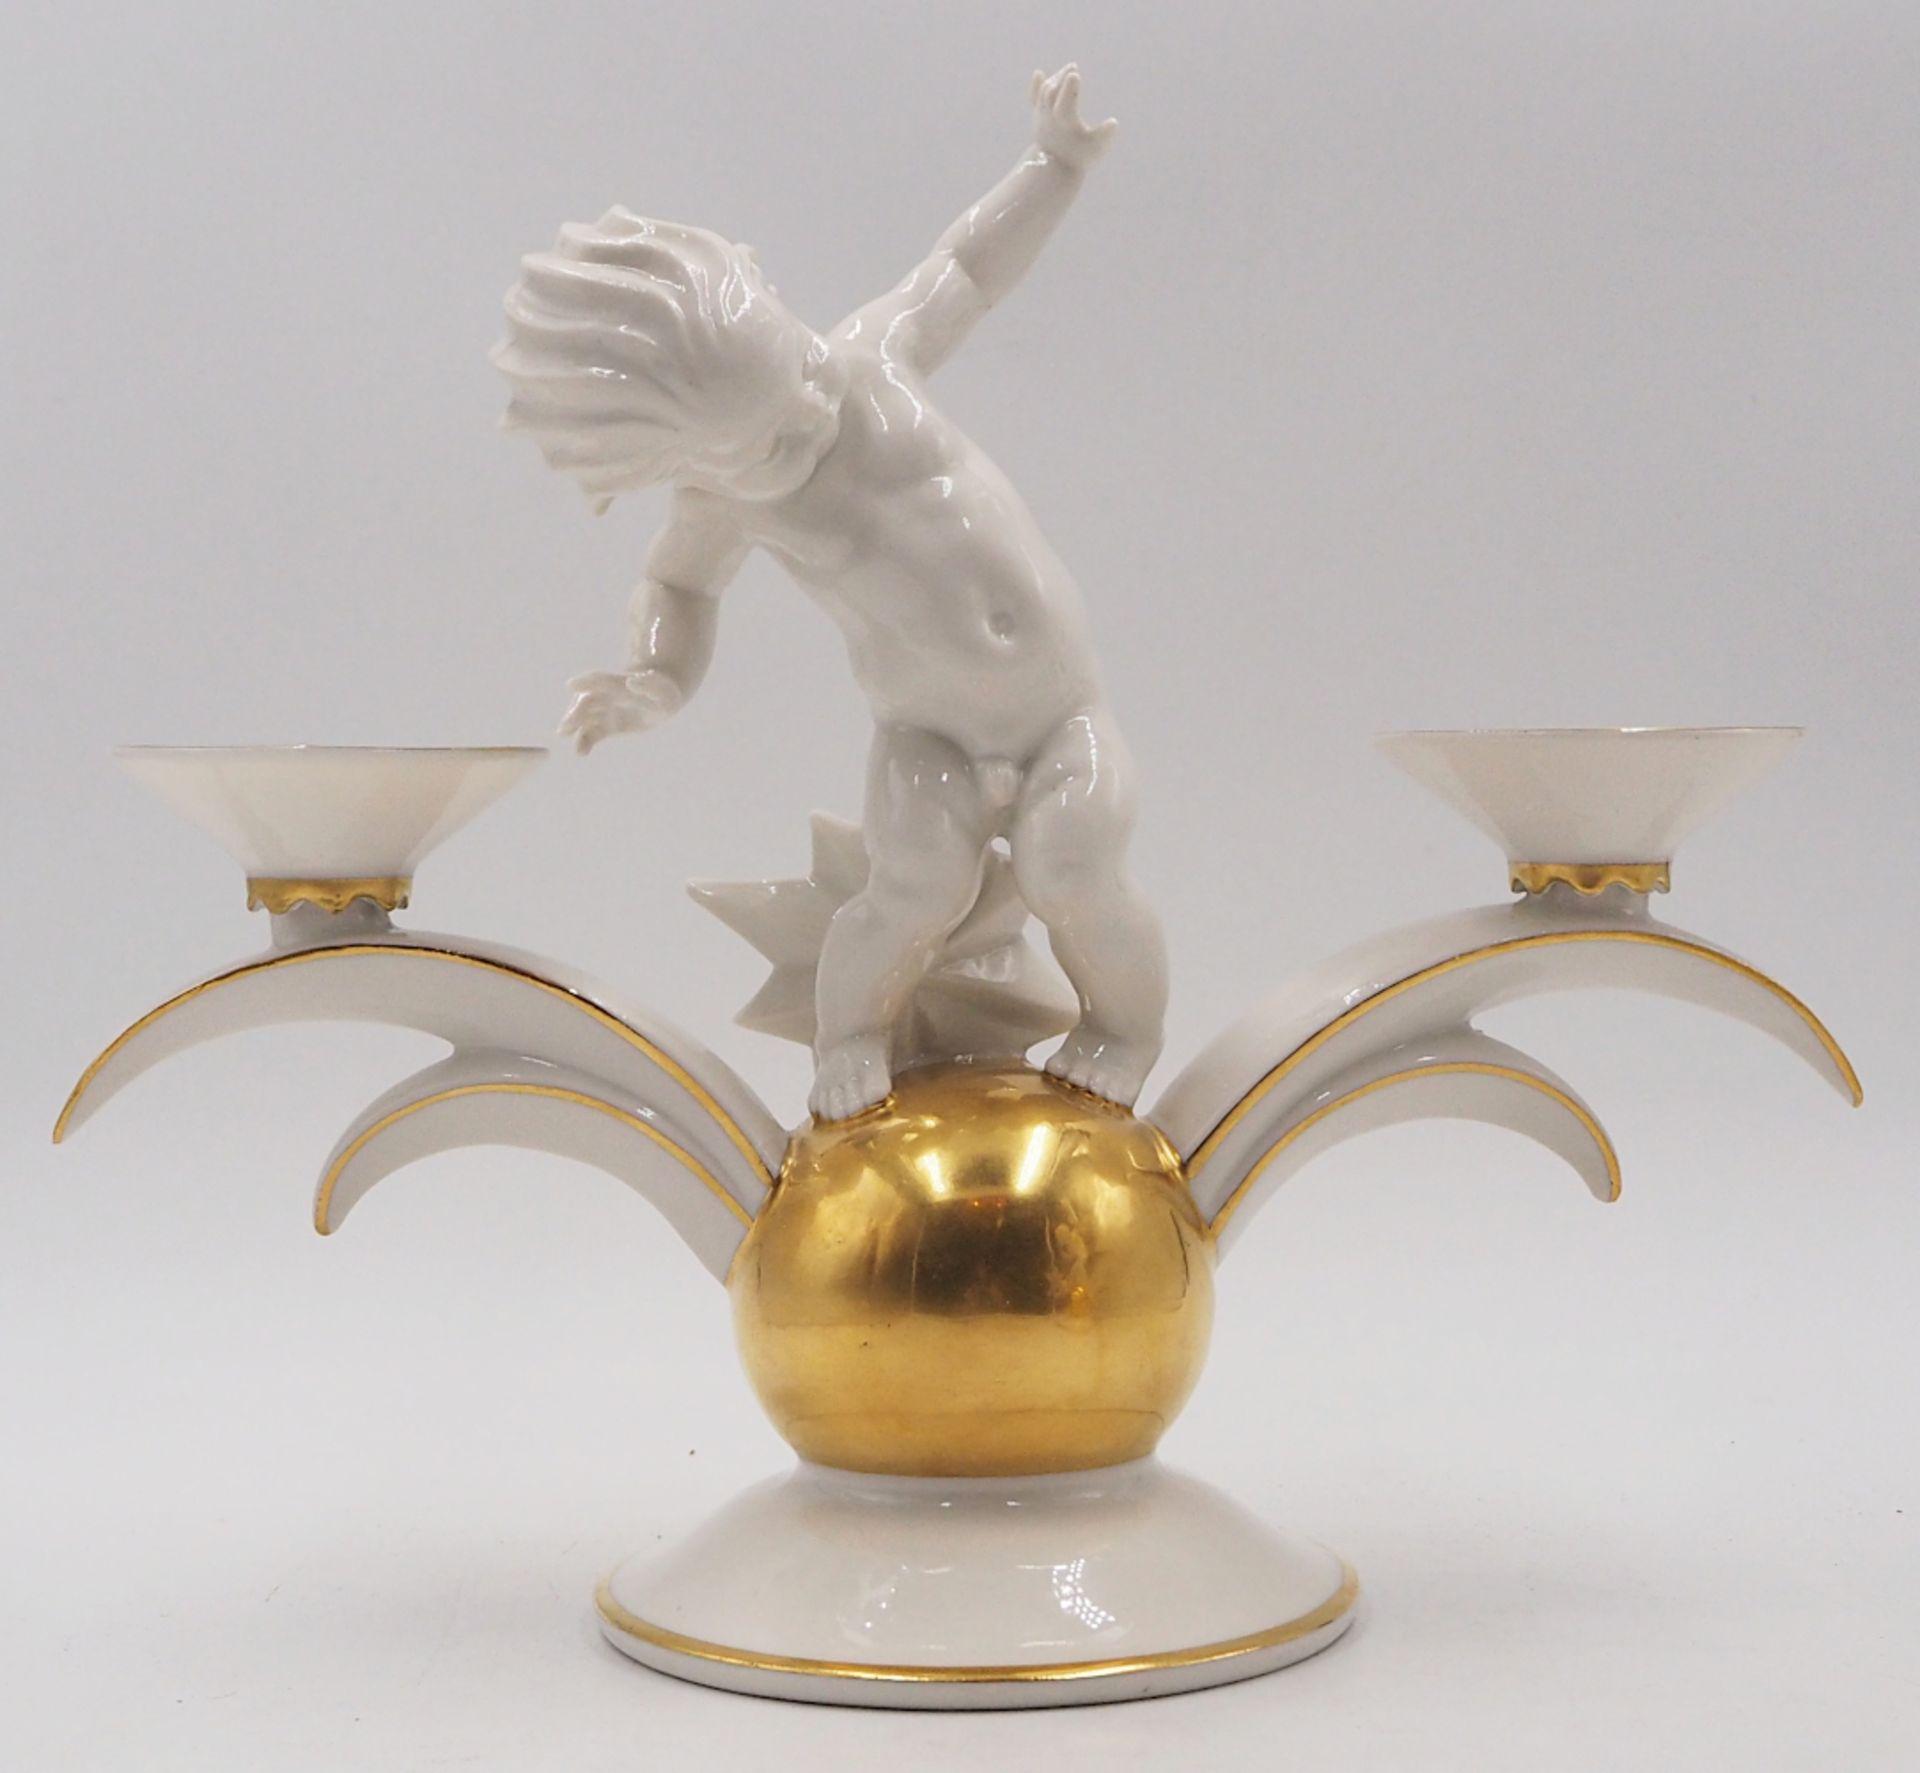 1 Pendant Kerzenleuchter Porzellan HUTSCHENREUTHER, z.T. US-Zone Designer: K. TUTTER, - Bild 3 aus 5